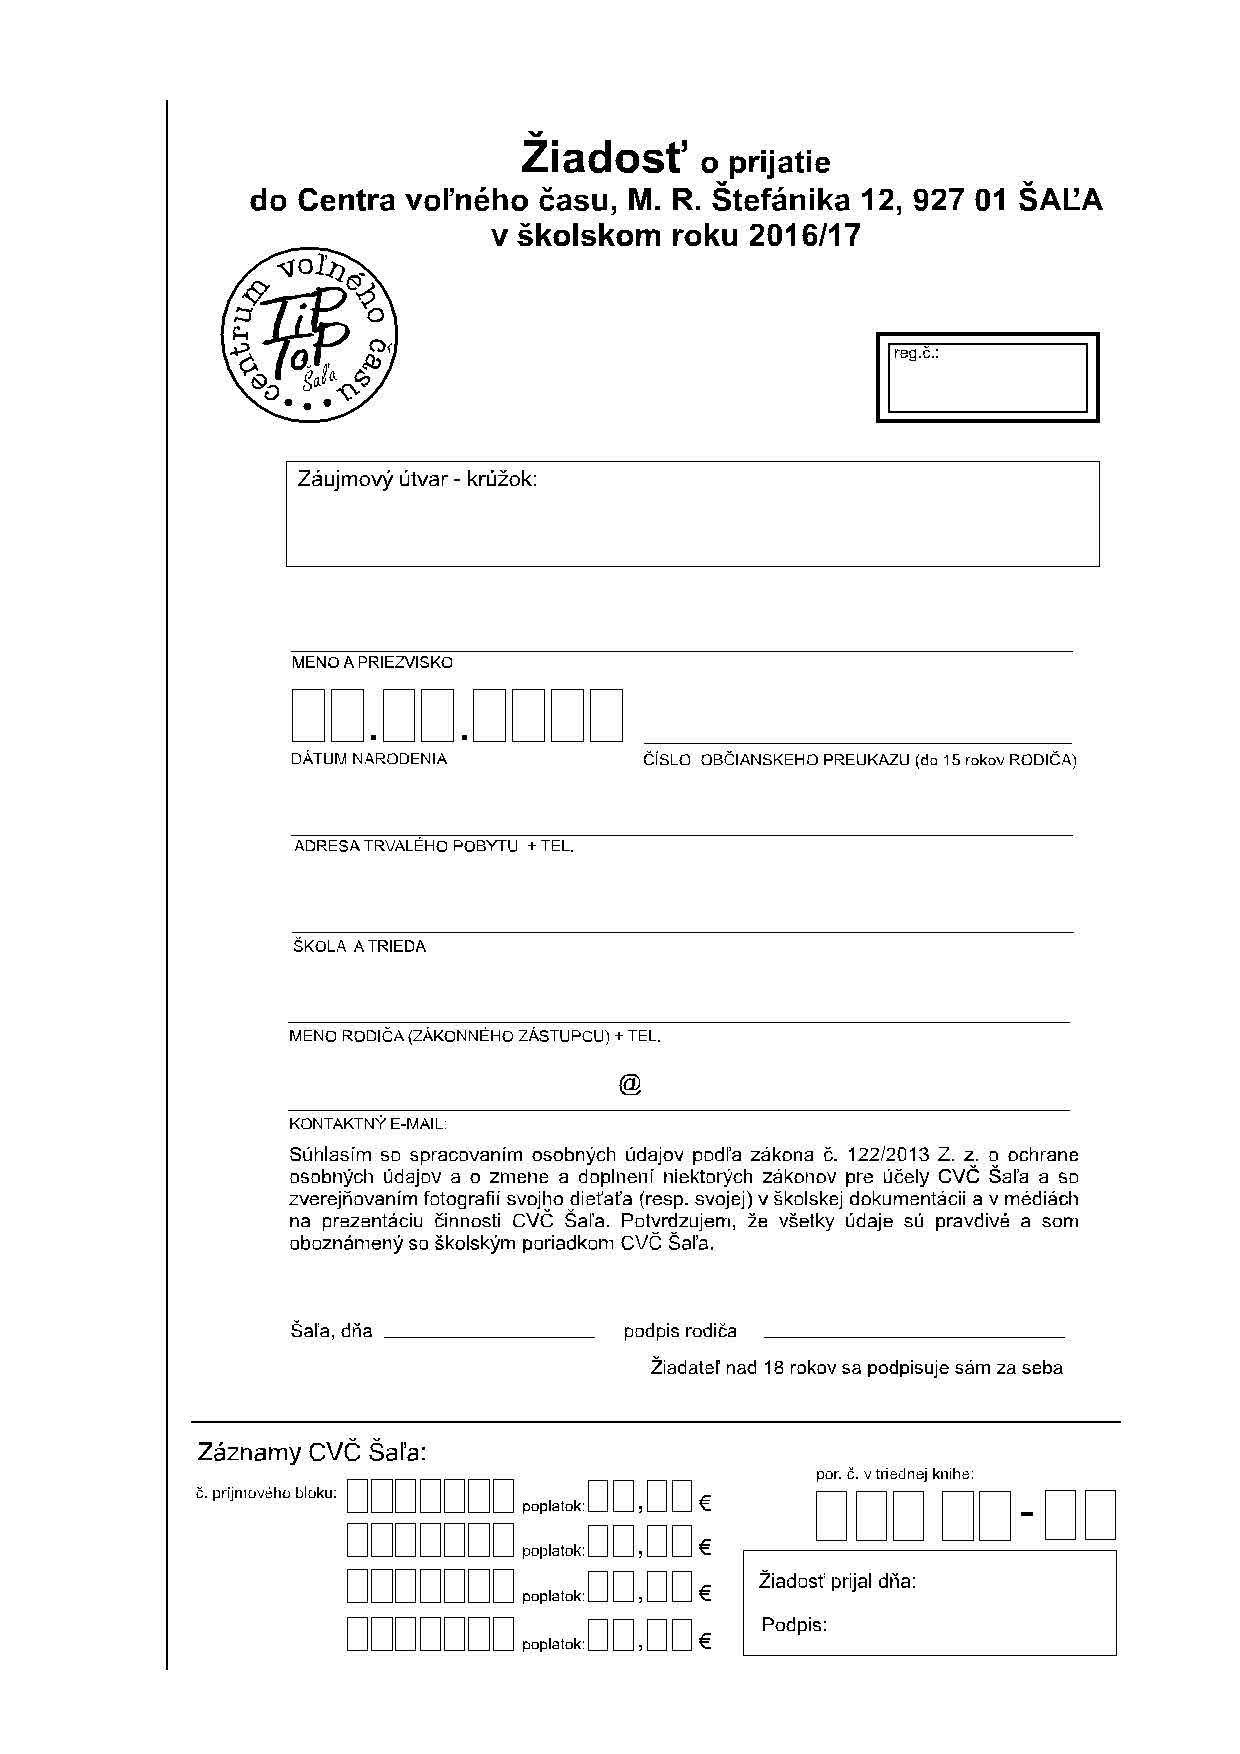 Žiadosť o prijatie do Centra voľného času 1fa419c3272